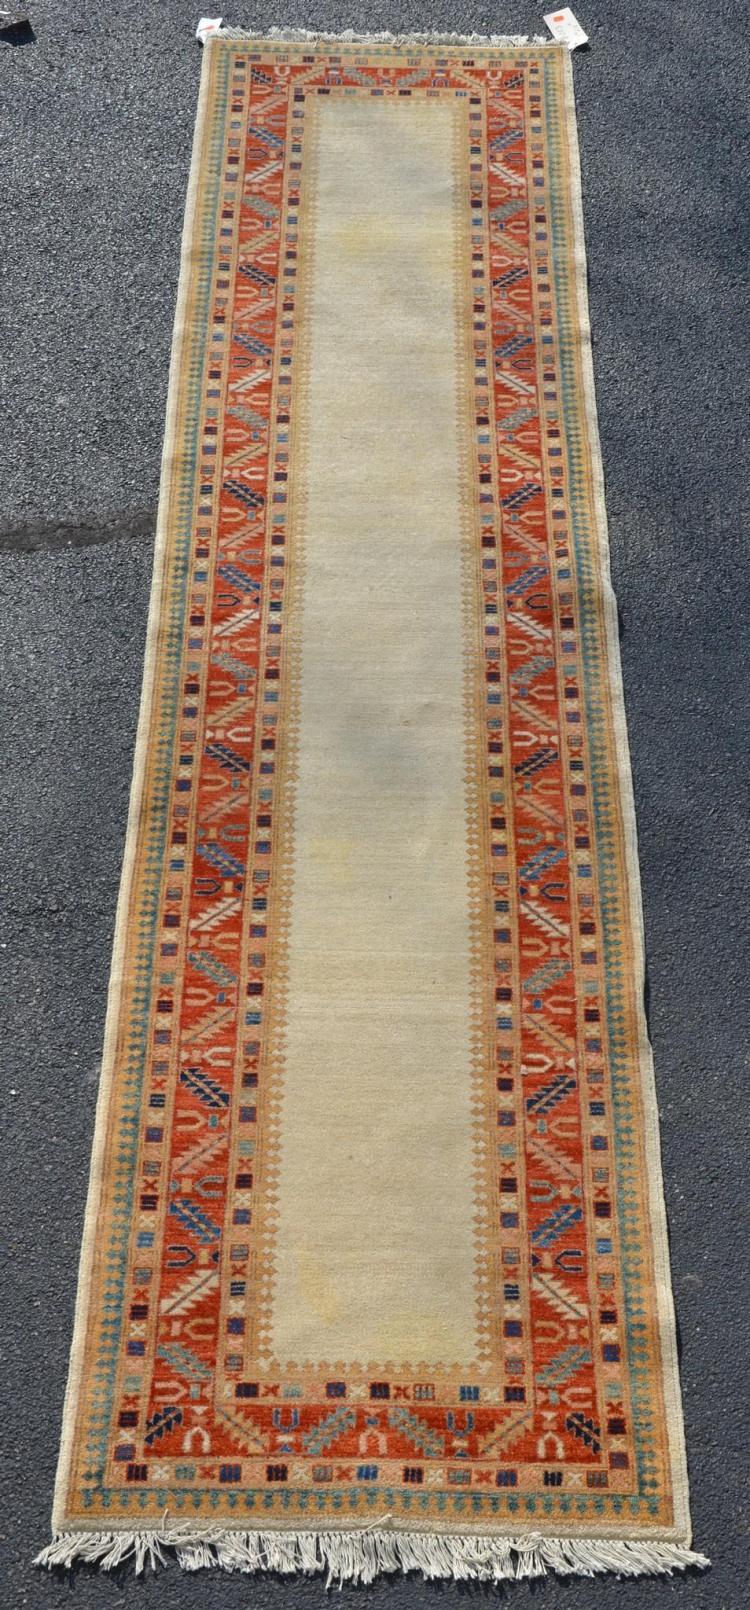 Kuba rug, 3''10